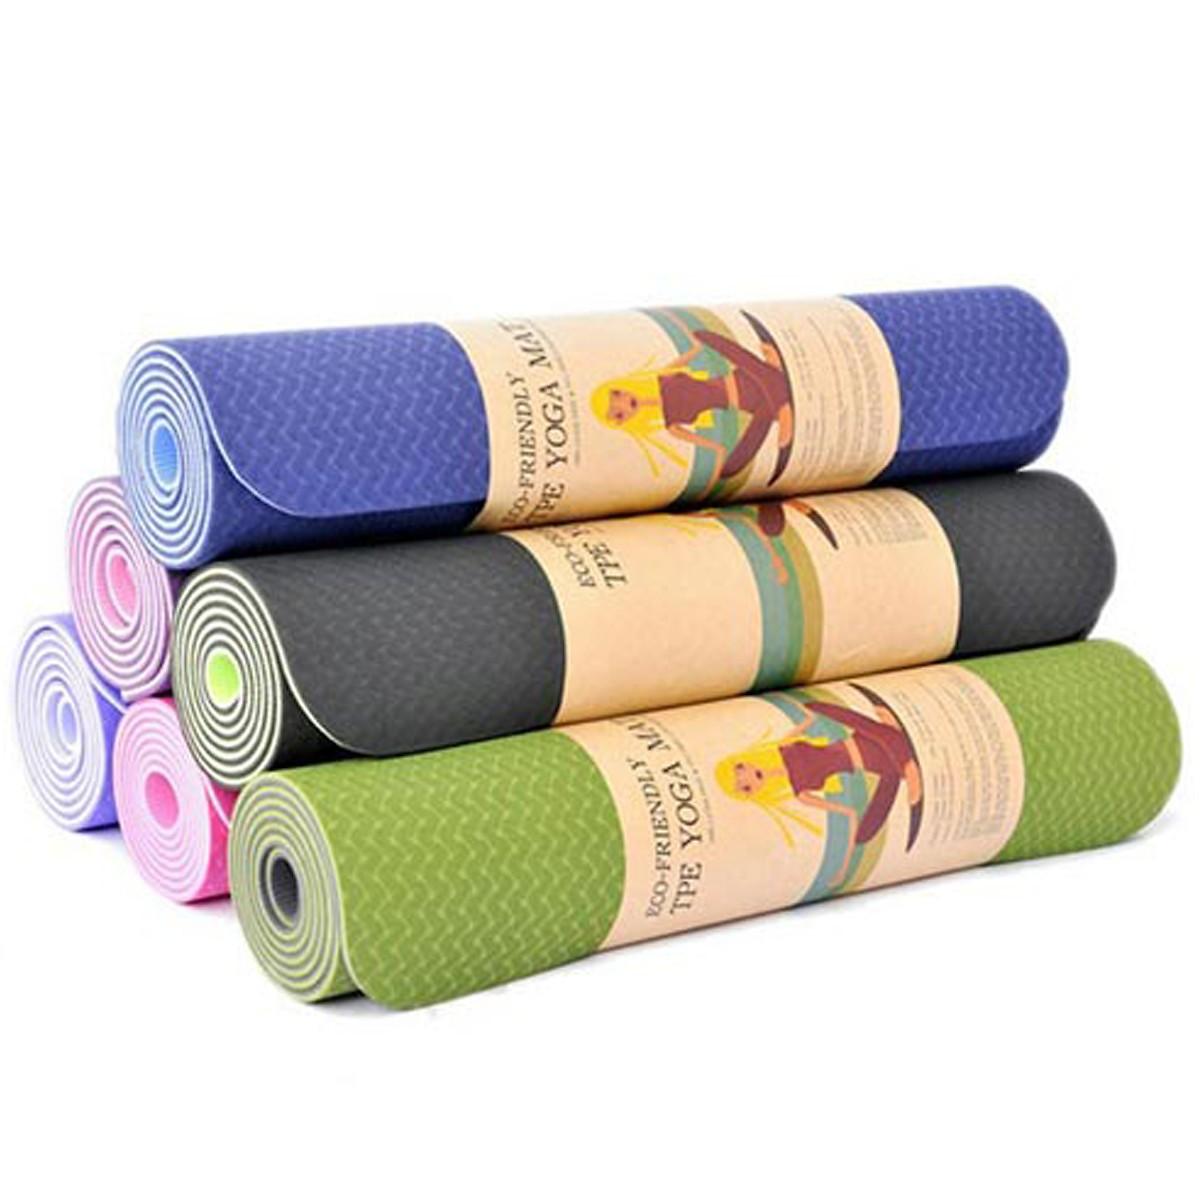 Thảm Tập Yoga 2 Lớp Cao Cấp, Thảm Tập Gym - Chính Hãng MiDoctor Đang Trong Dịp Khuyến Mãi